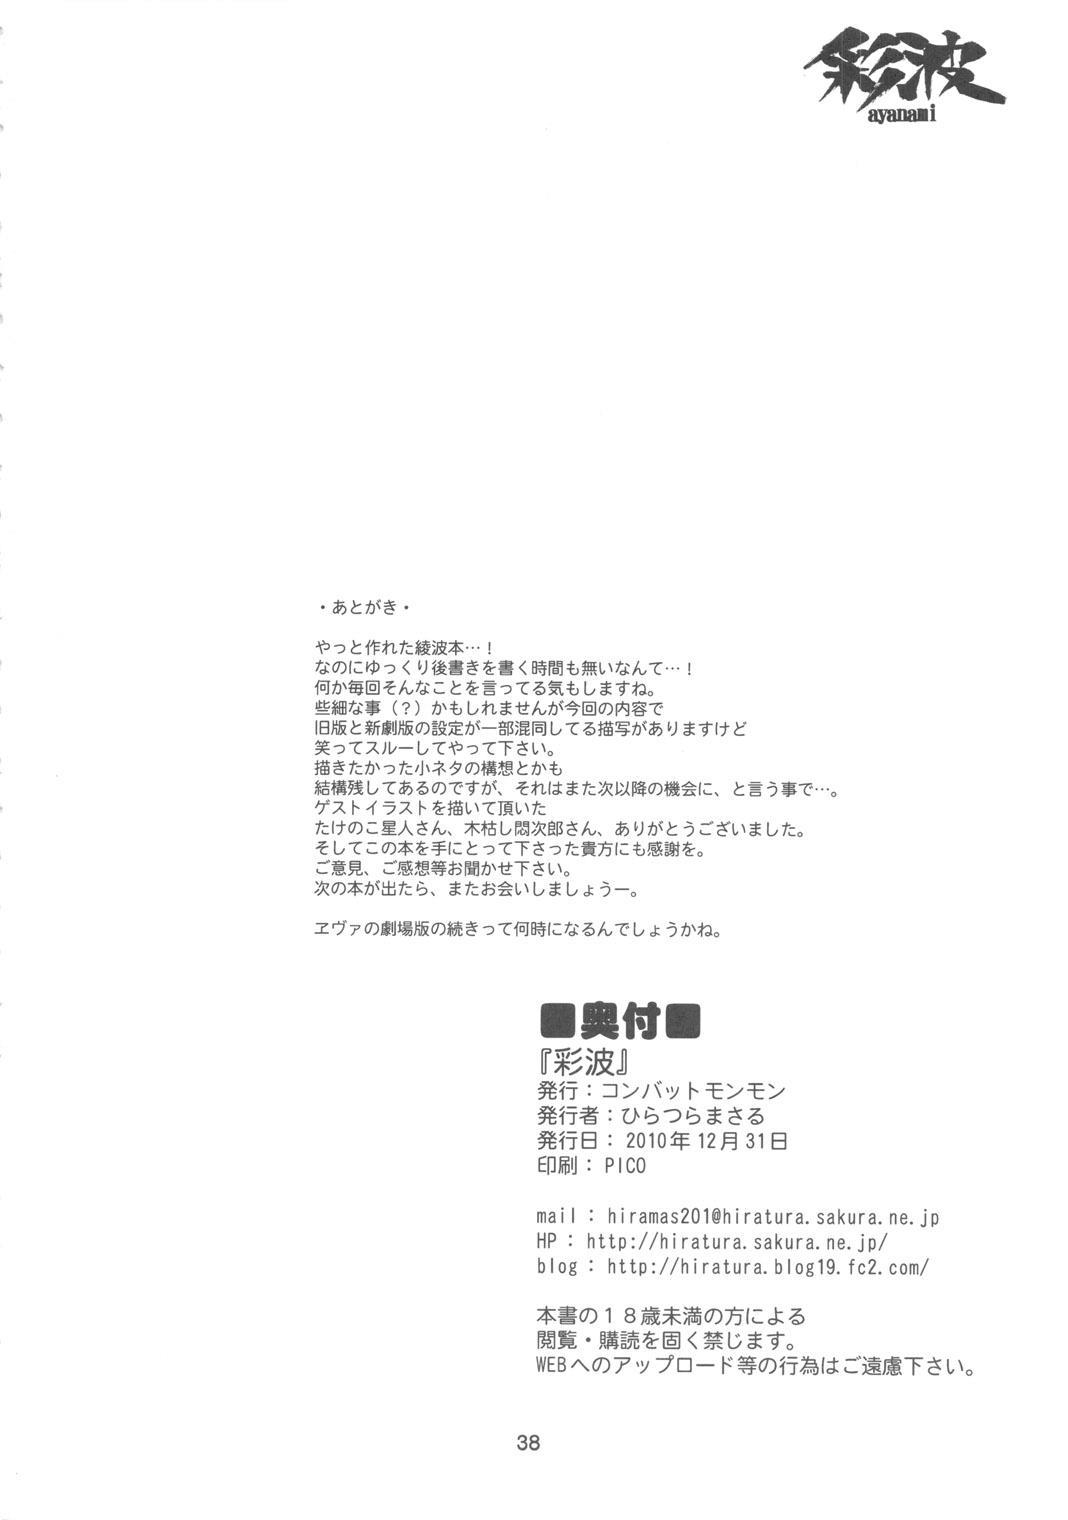 Ayanami 36